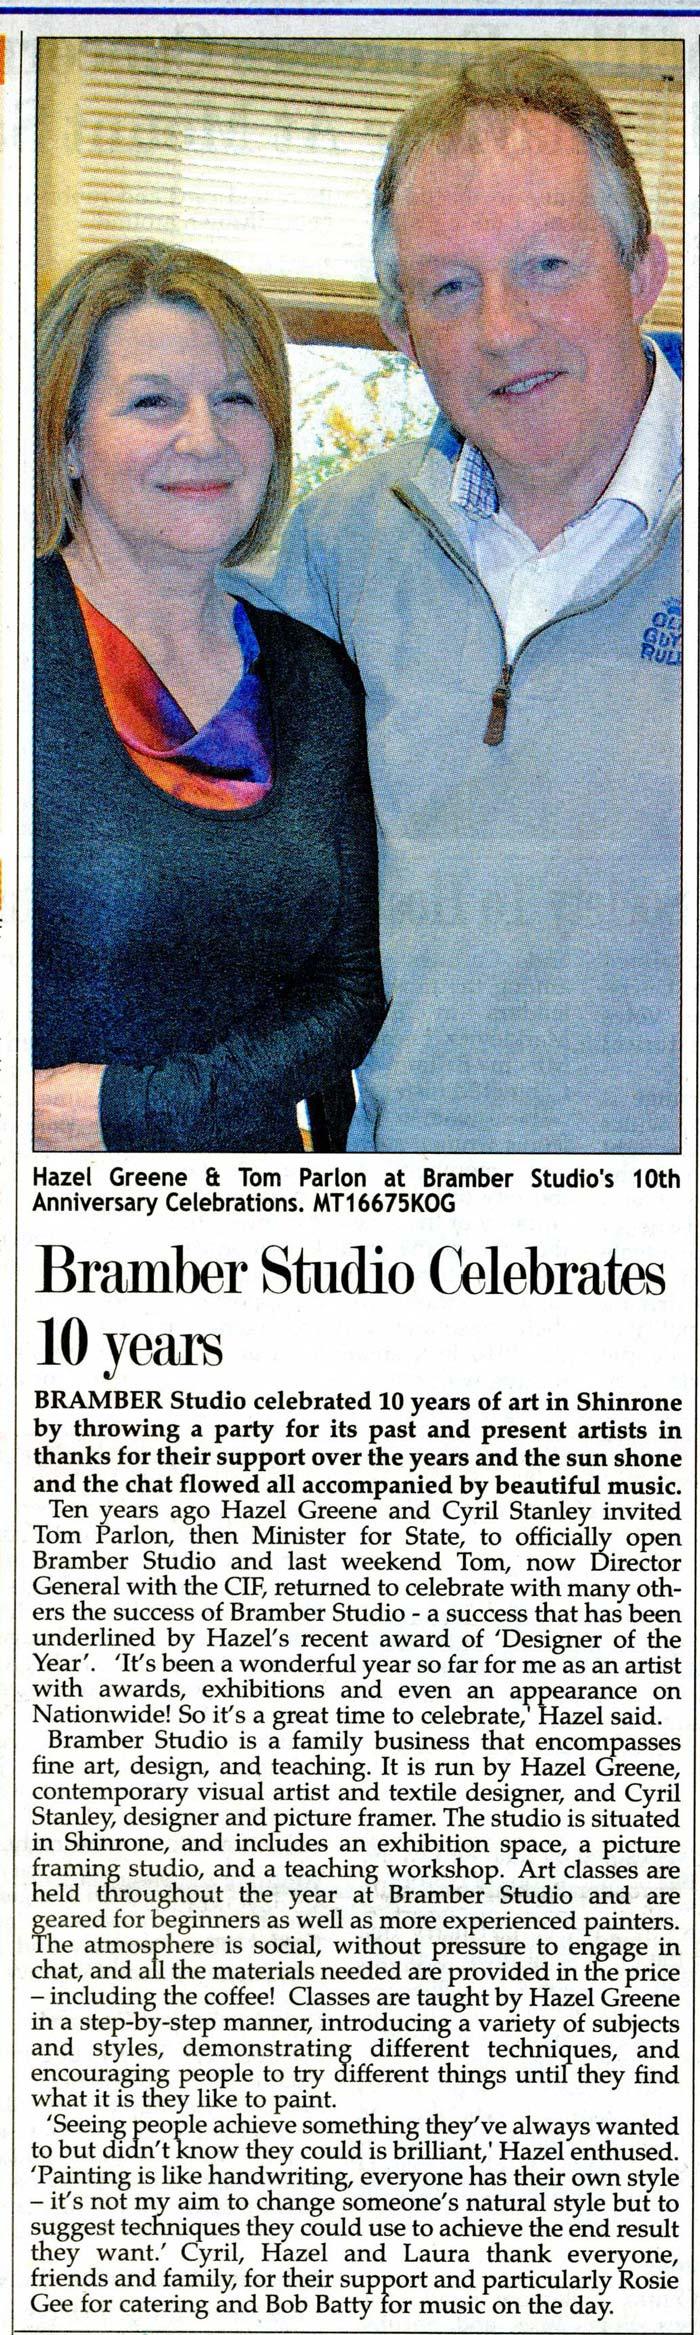 bramber_studio_anniversary_midland_tribune_apr_2015